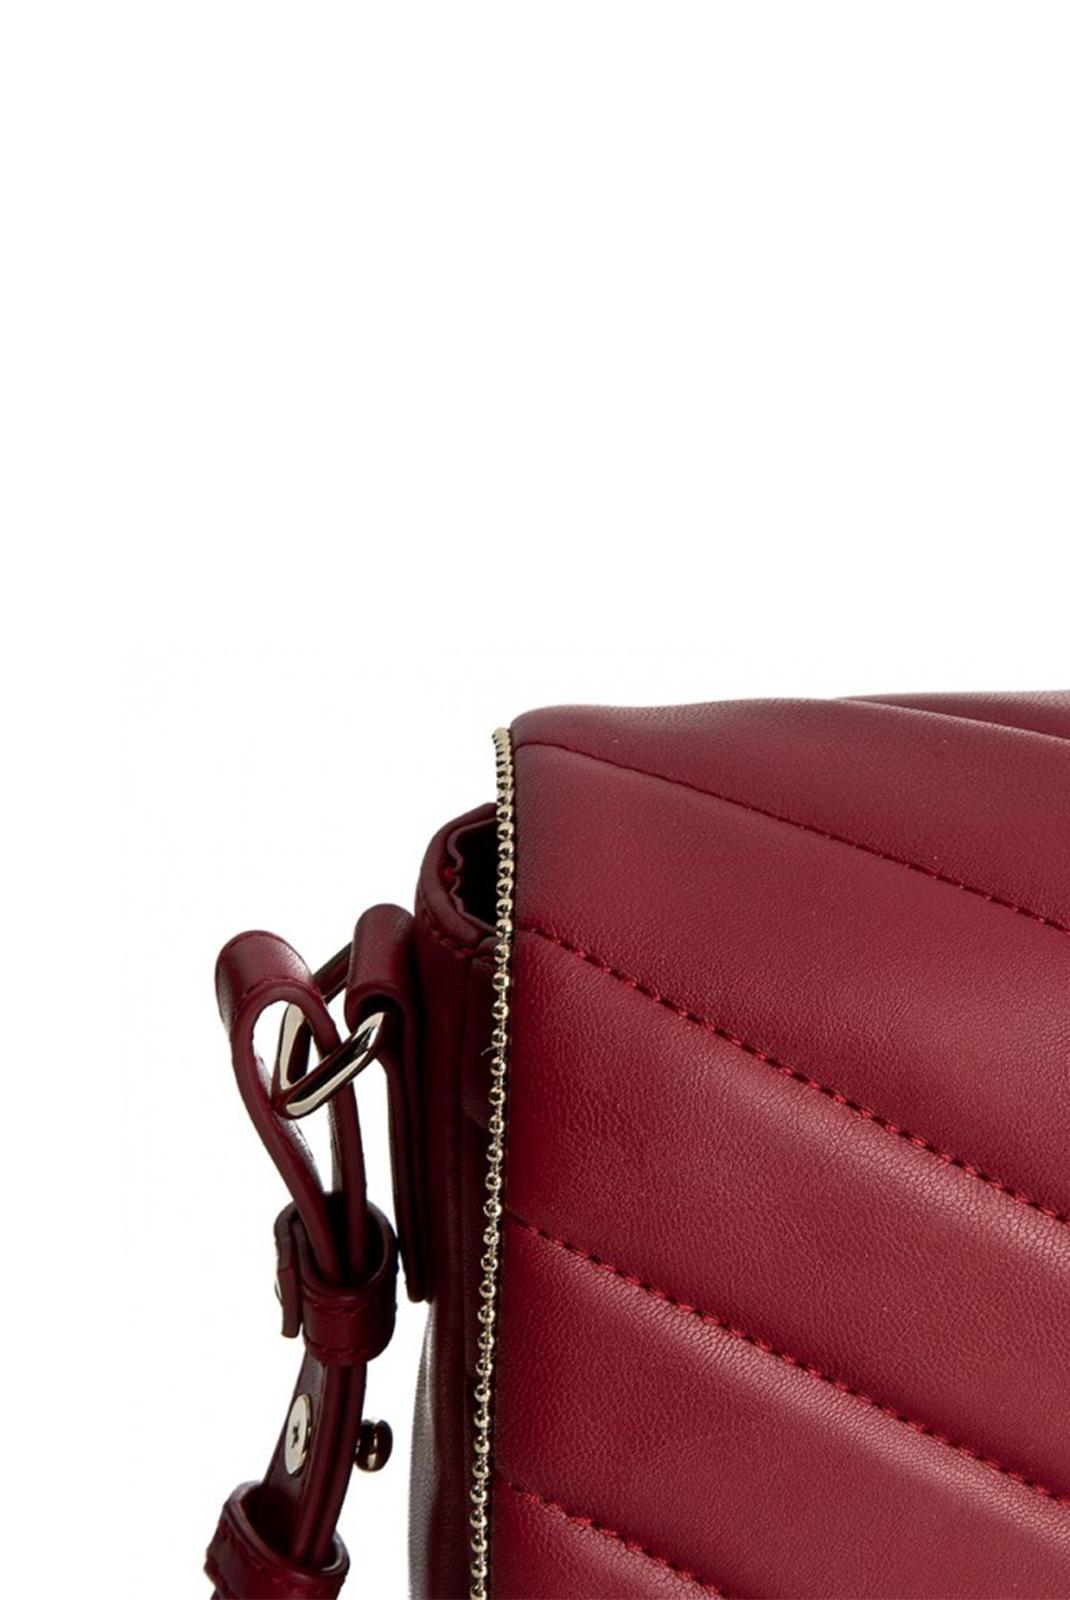 Besaces / Sacs bandoulière  Armani jeans 922159 6A718 00176 BORDEAUX